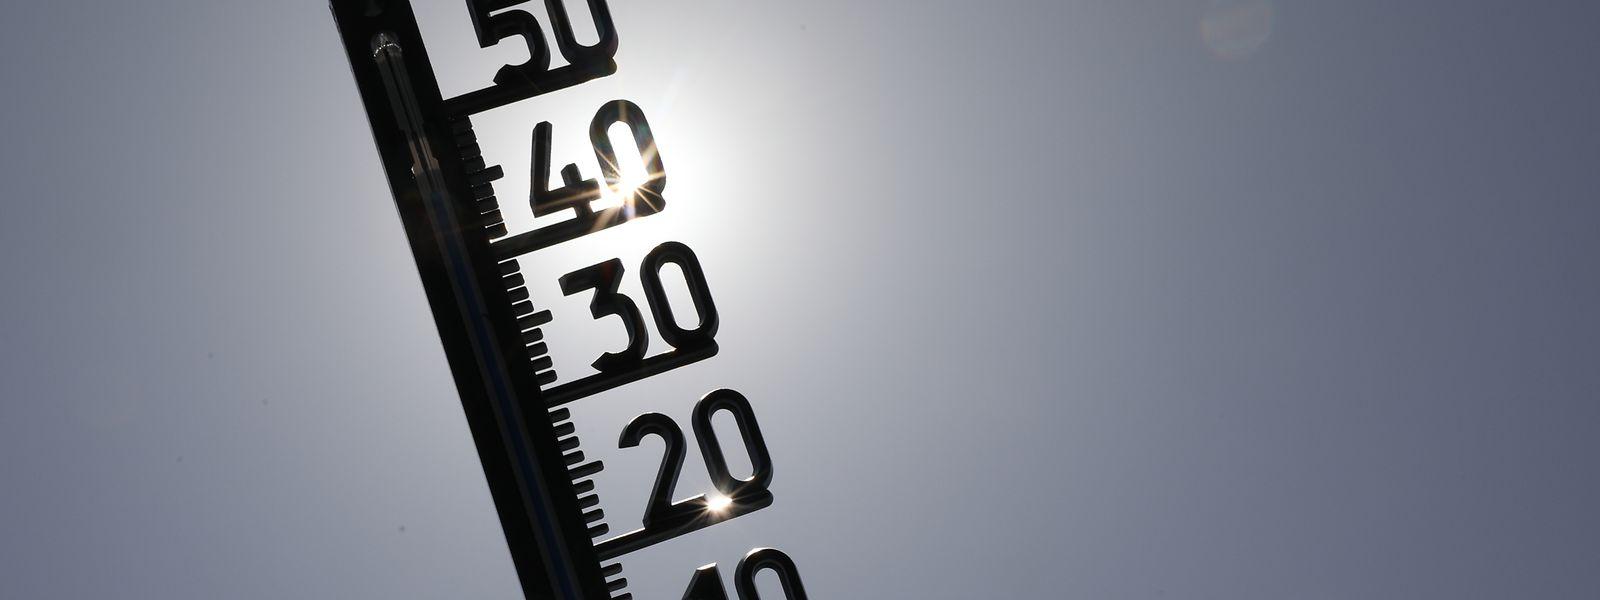 In den kommenden Tagen soll es in Luxemburg richtig heiß werden.